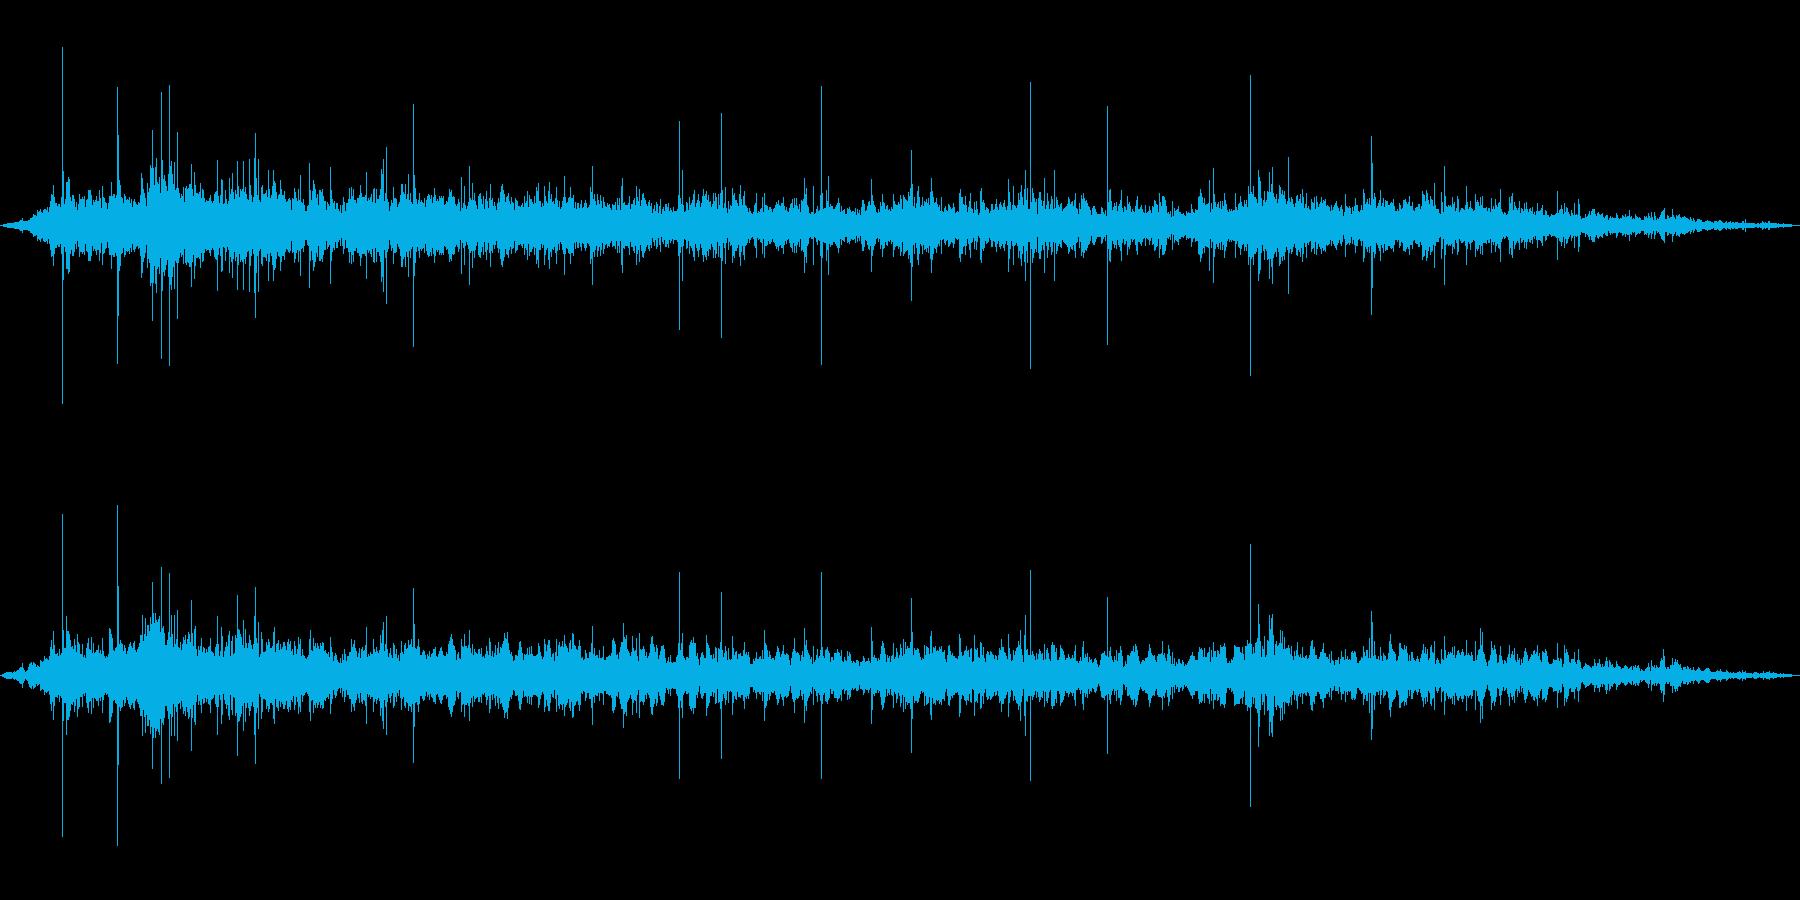 ザザザザ…茂みで何かがうごめく音の再生済みの波形